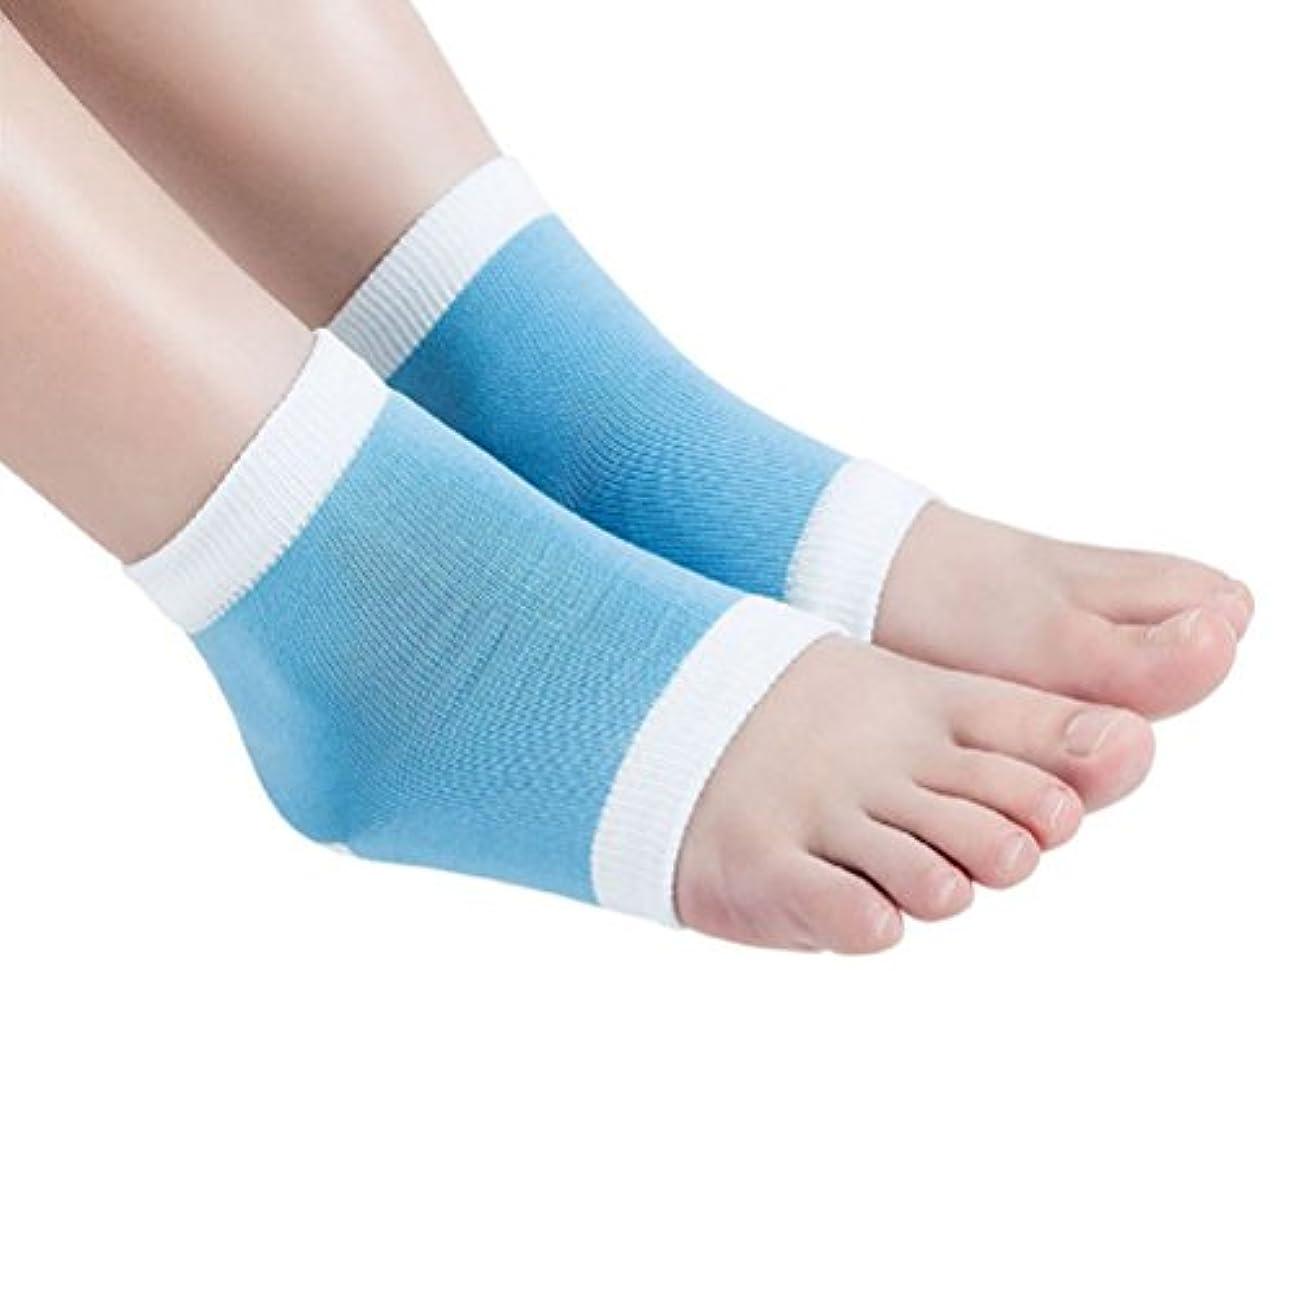 コース稼ぐ経験者ROSENICE かかとソックス 保湿ゲルかかと靴下(ブルー)